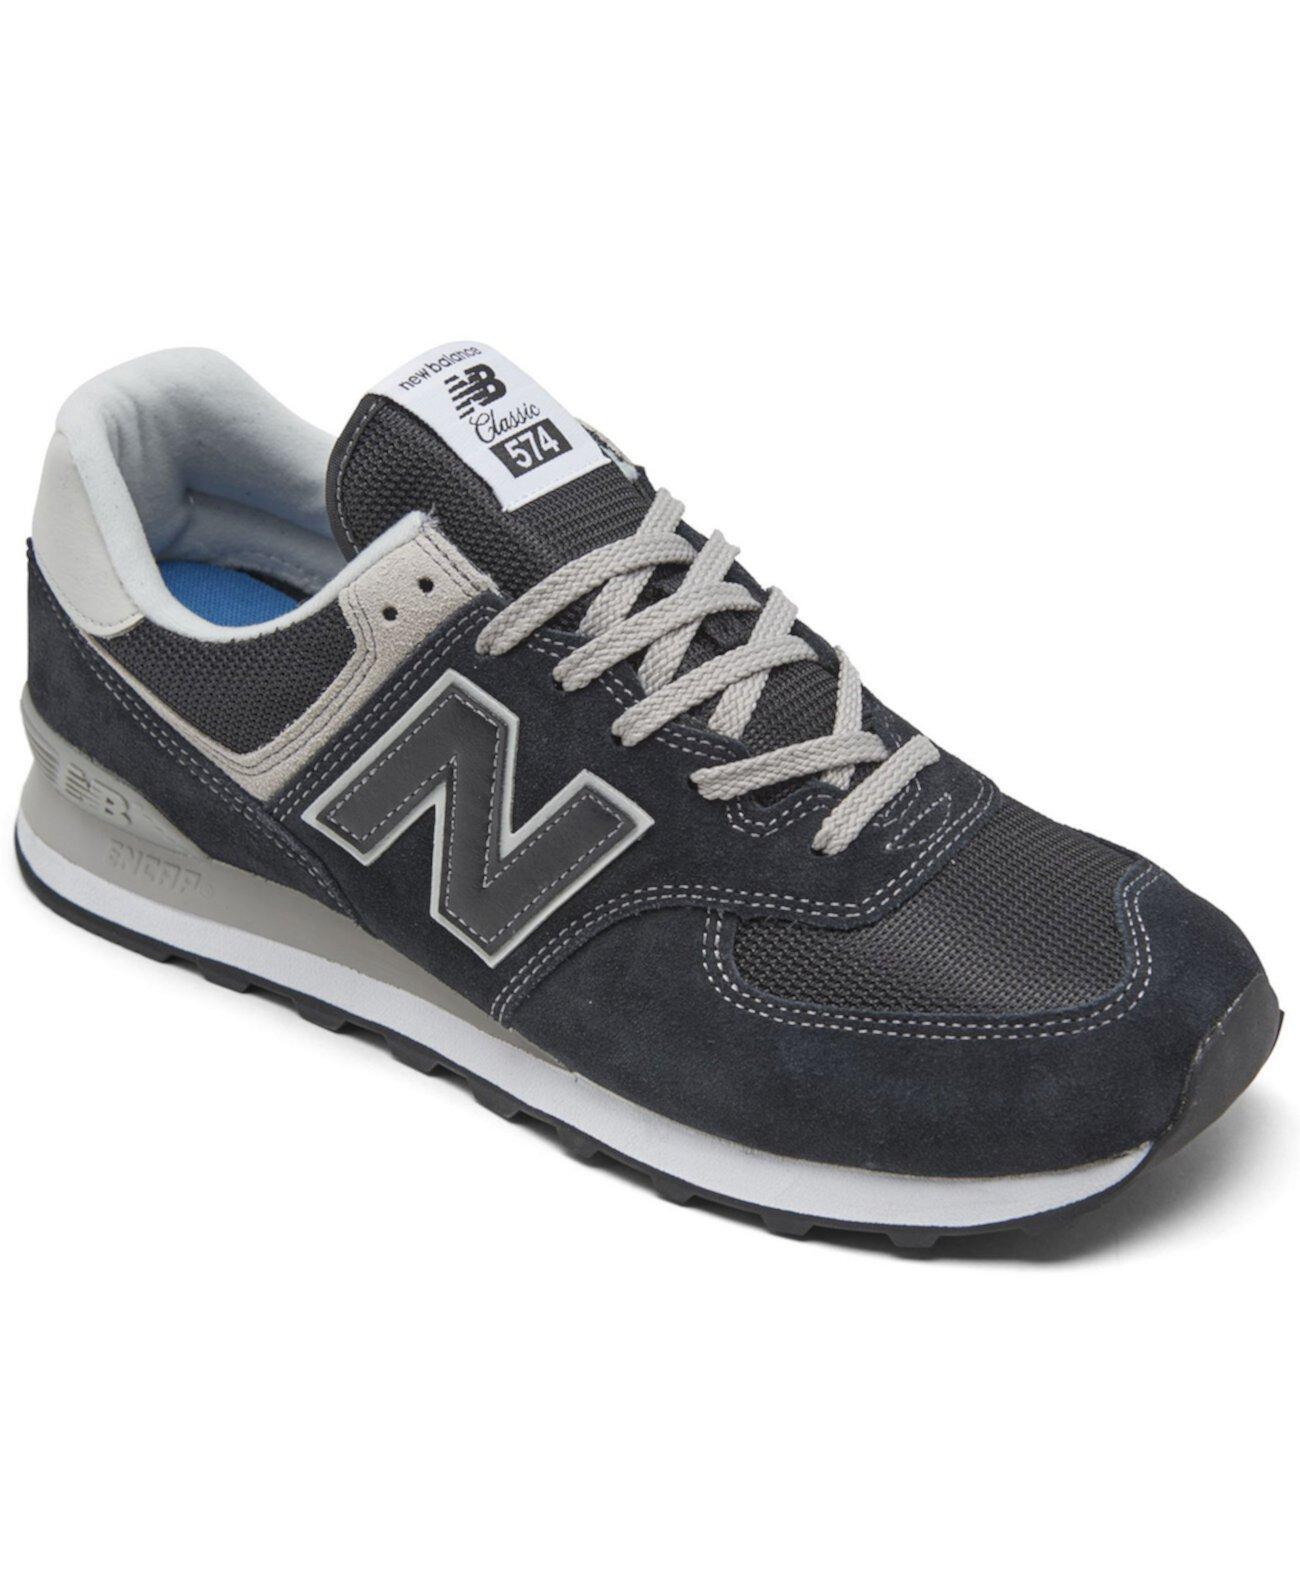 Мужские повседневные кроссовки 574 от Finish Line New Balance